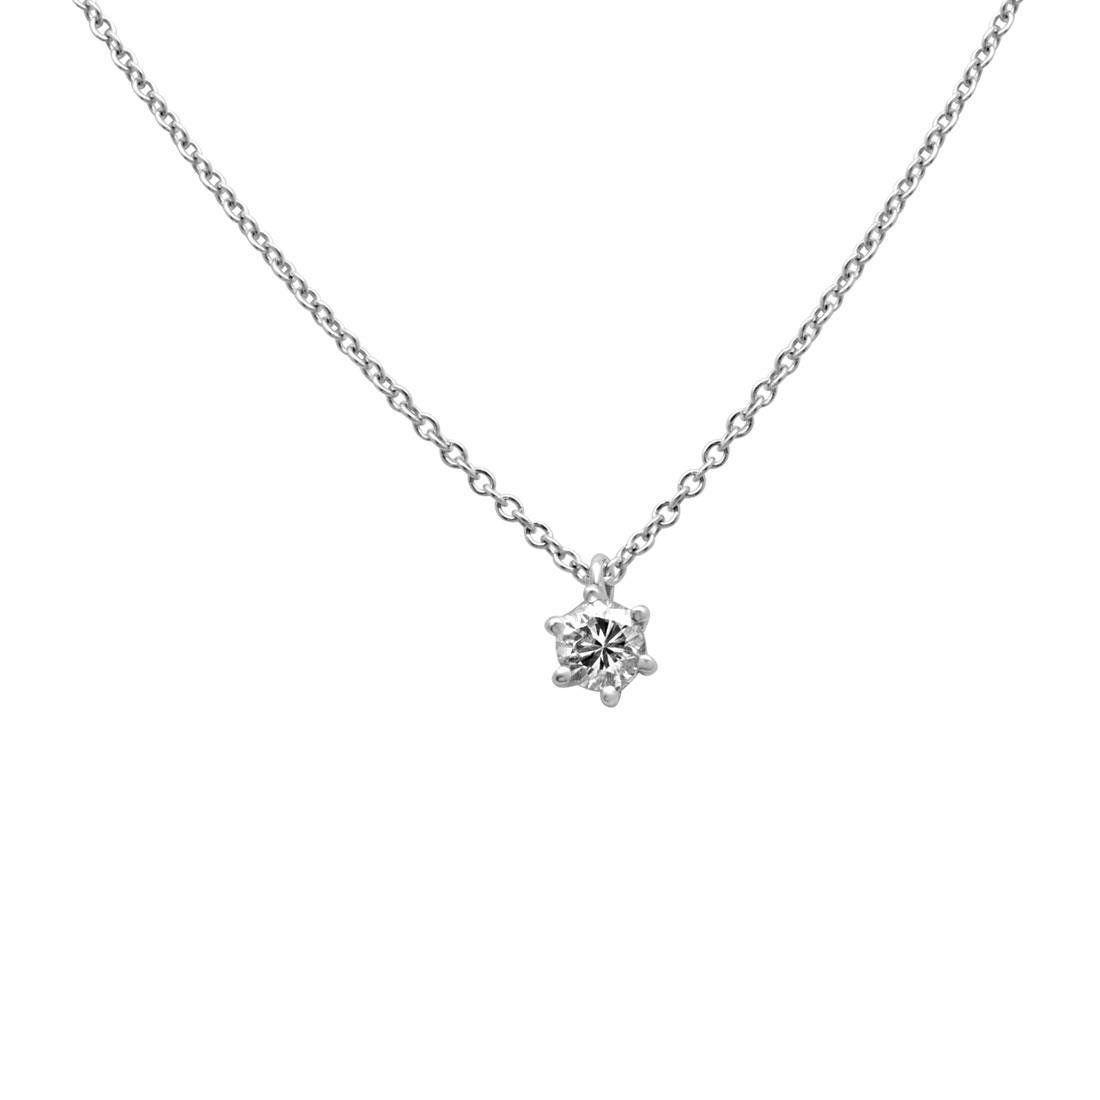 Collier punto luce in oro bianco e diamante taglio princess ct 0.33 - ORO&CO